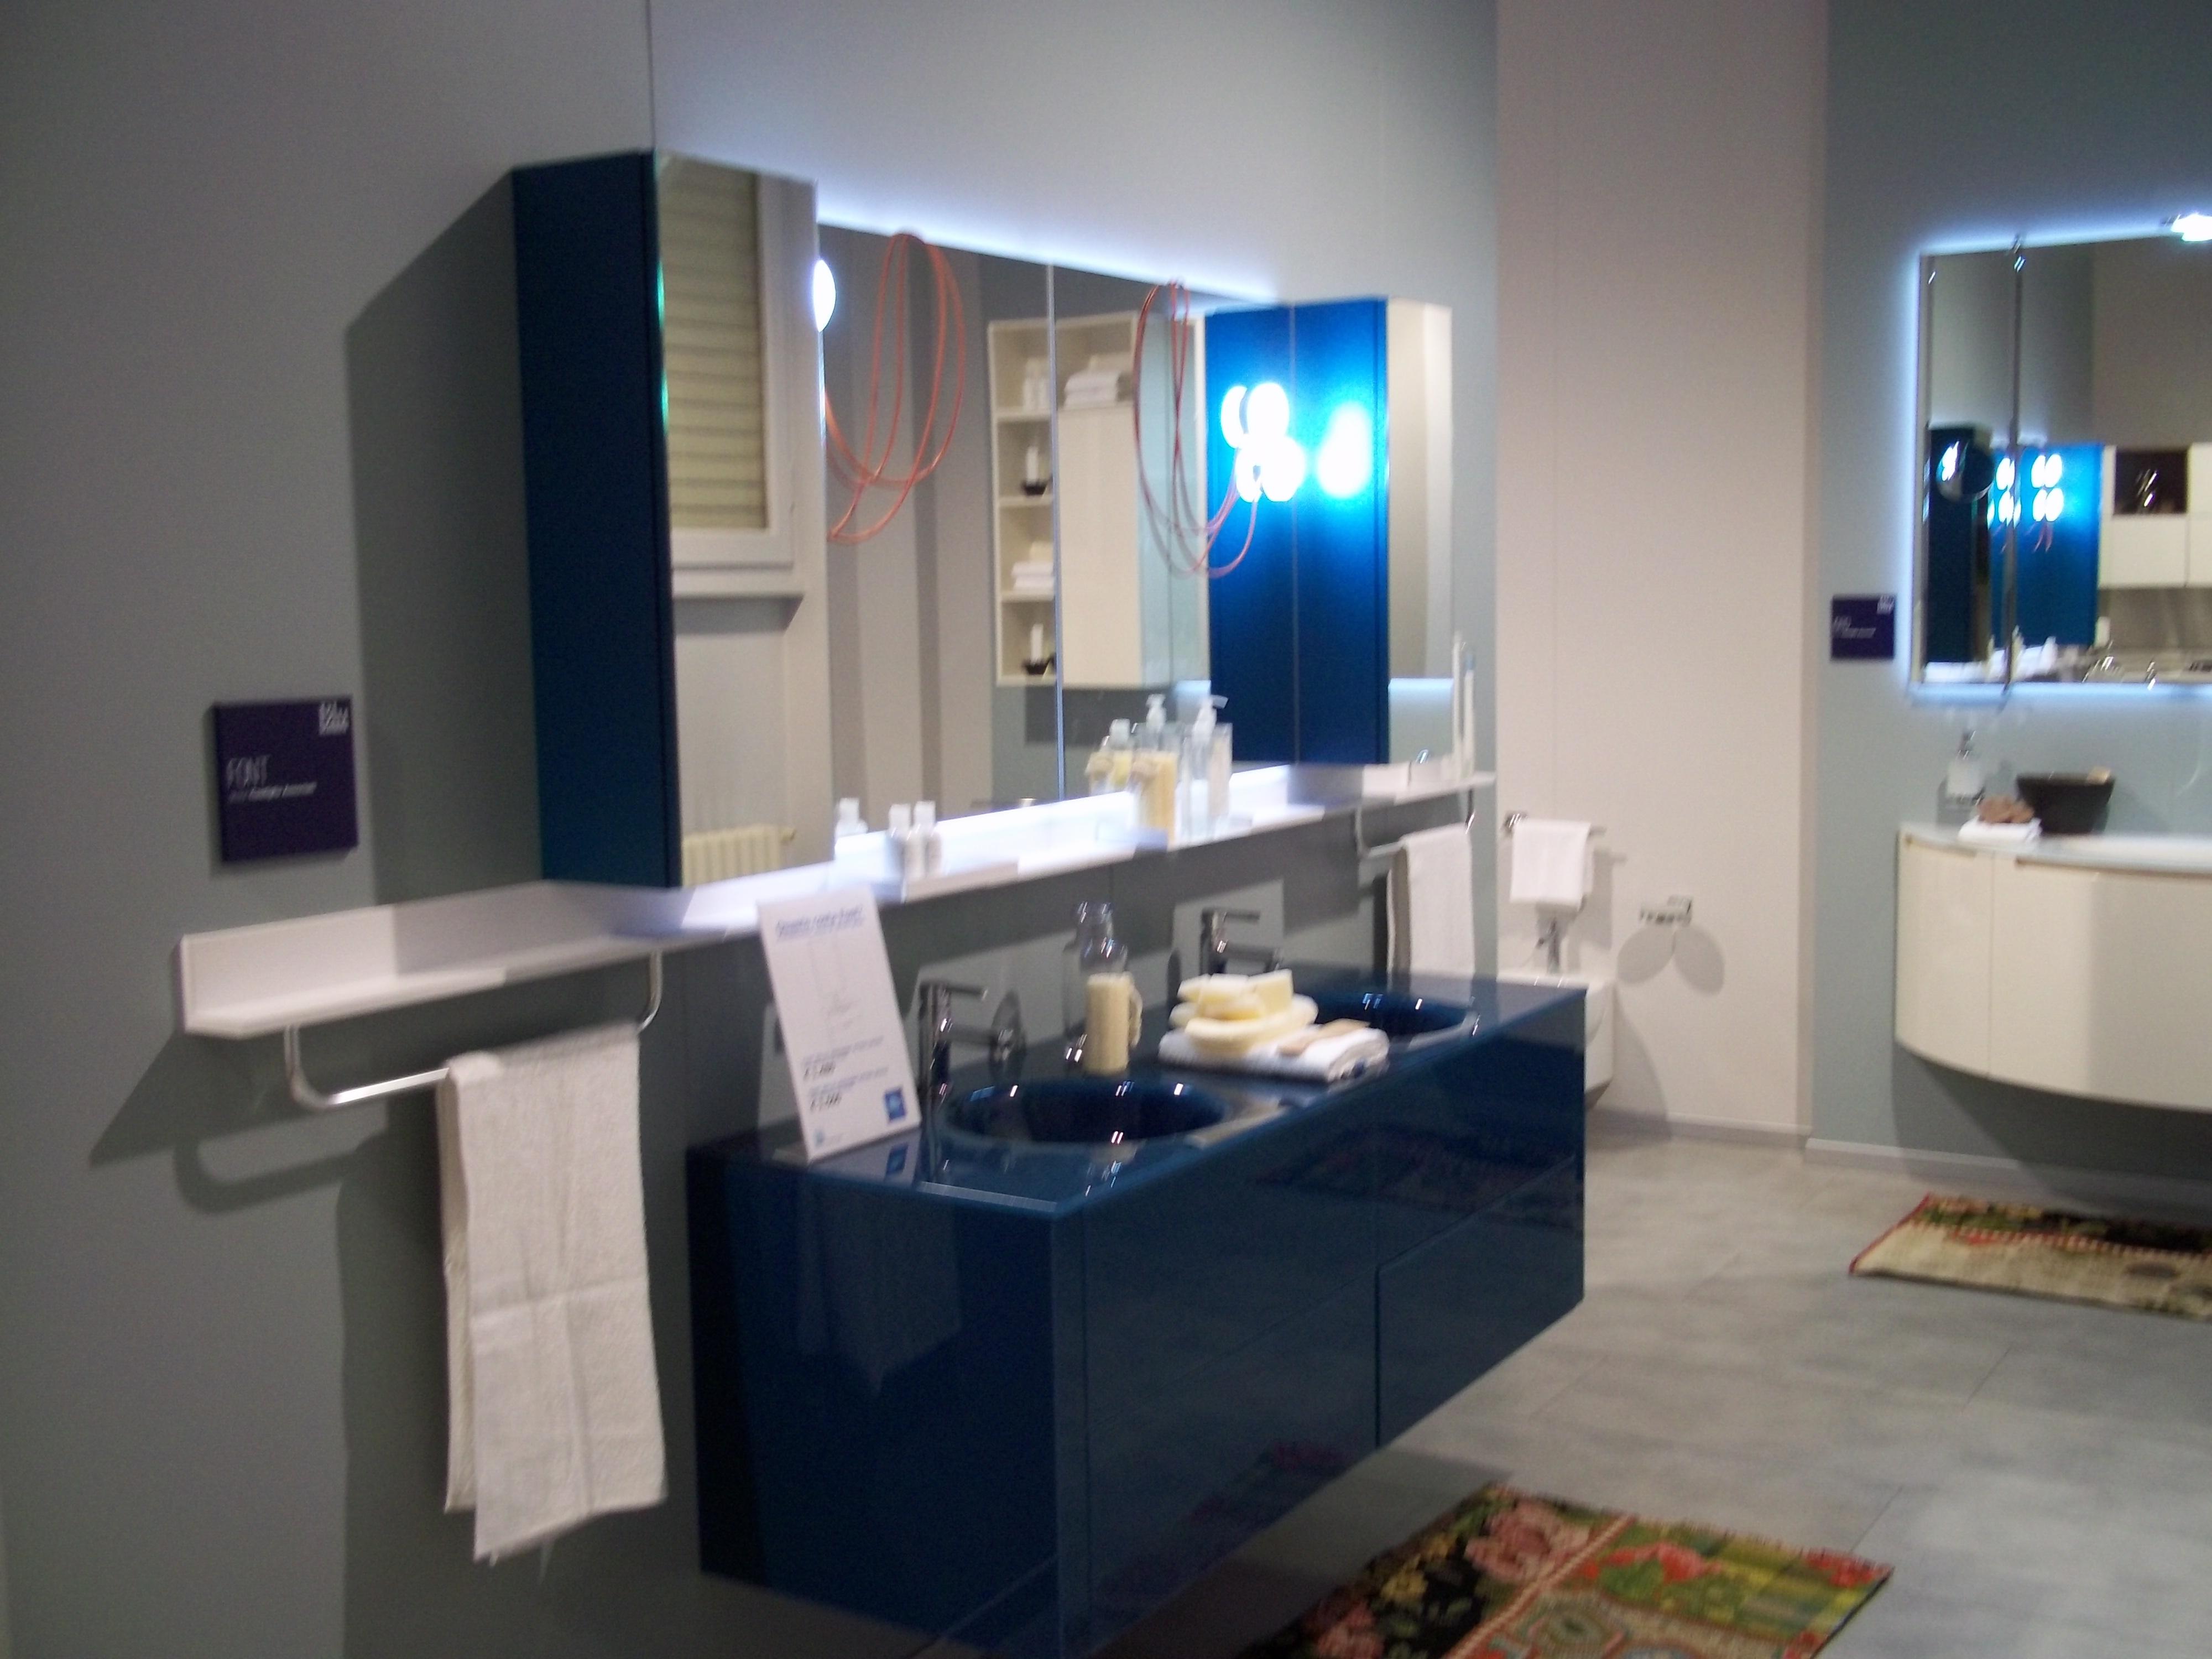 Offerta scavolini font vetro arredo bagno a prezzi scontati - Mobile bagno blu ...